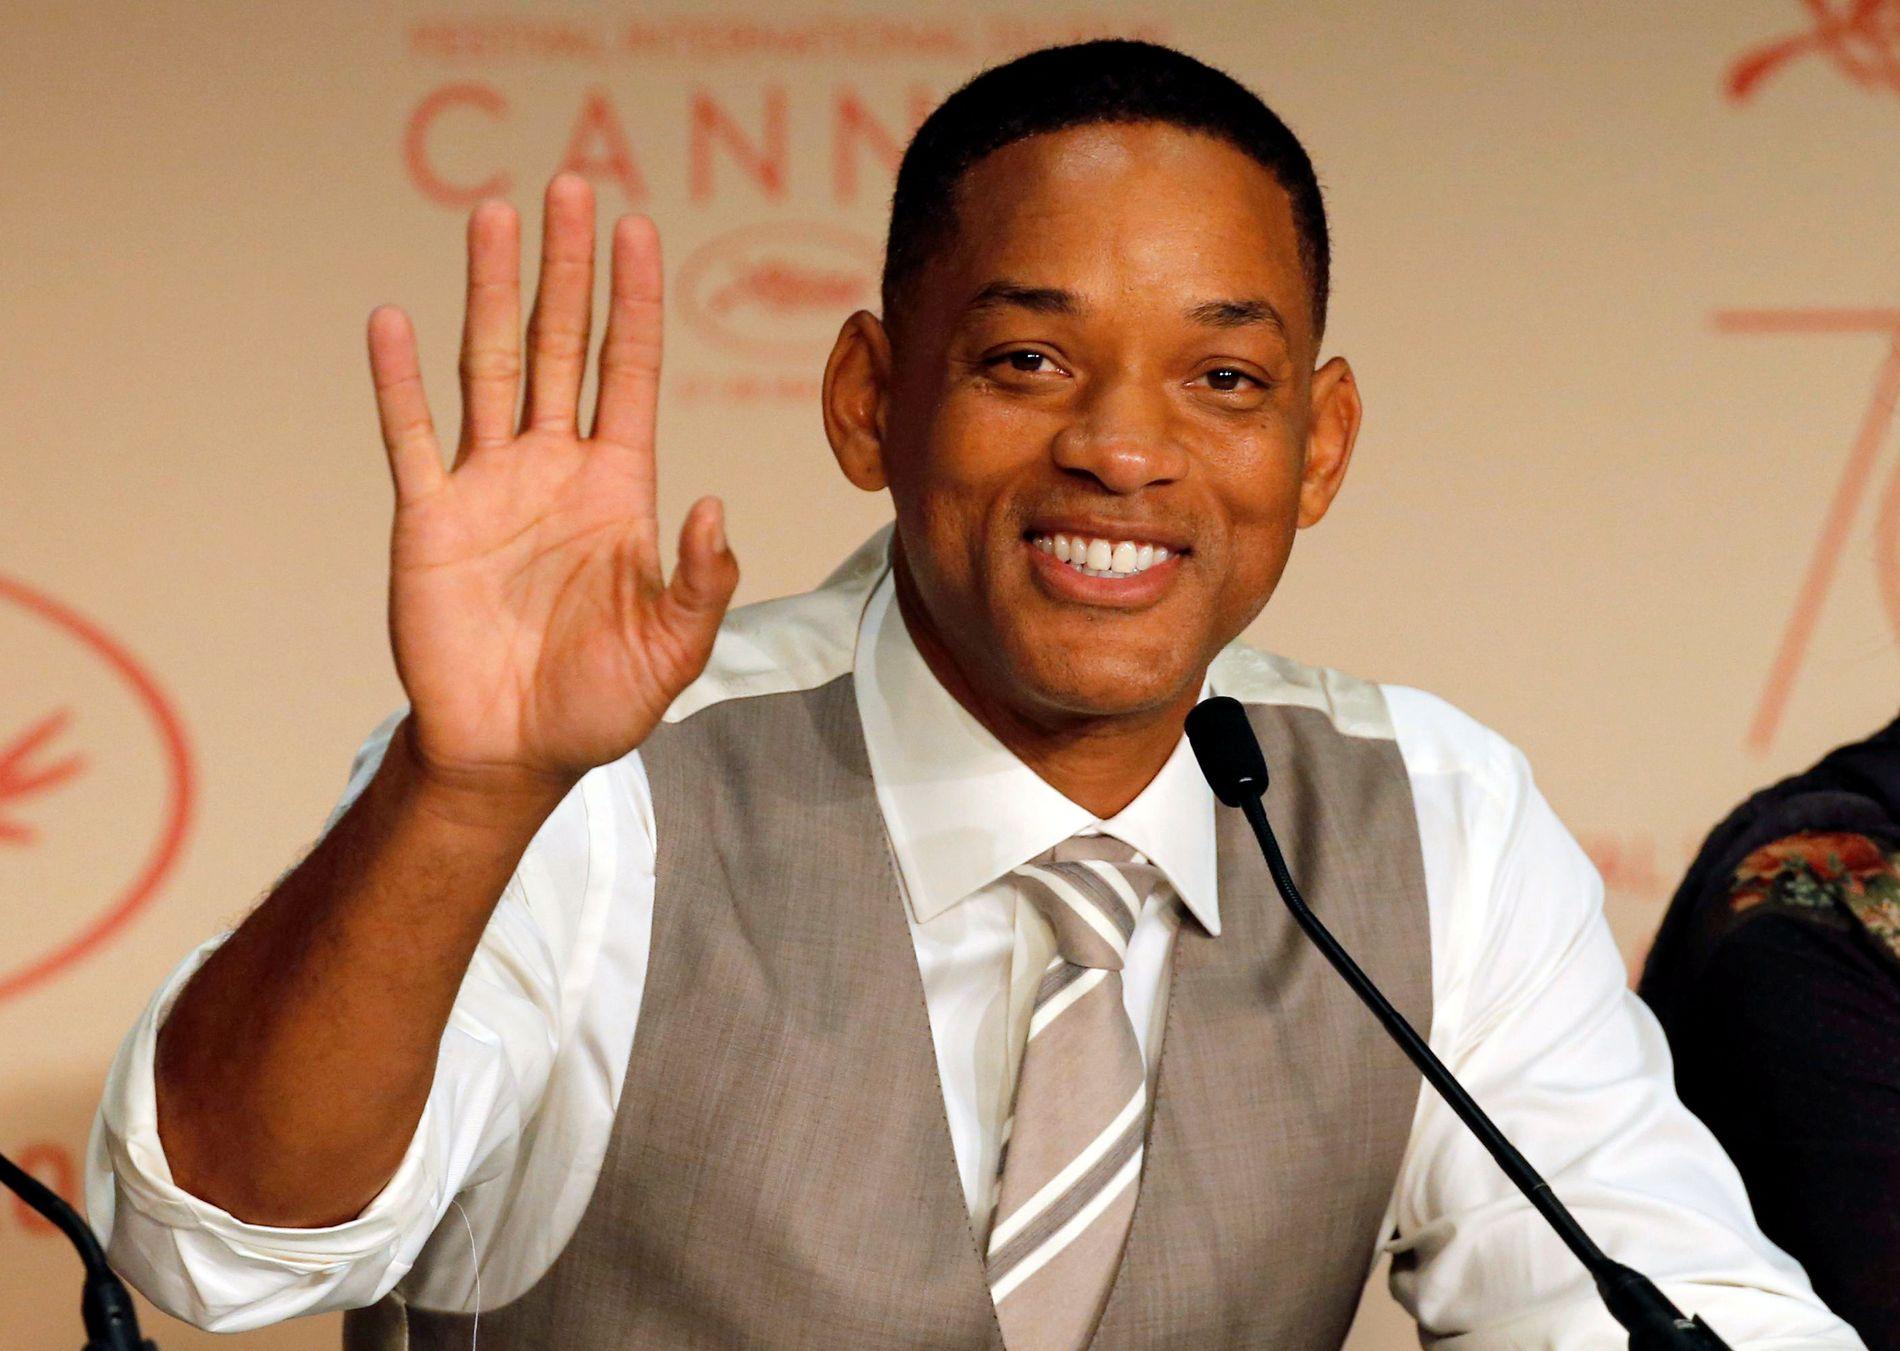 CANNES: Will Smith var i det spøkefulle lunet da han og resten av juryen traff verdenspressen i forbindelse med åpningen av filmfestivalen.